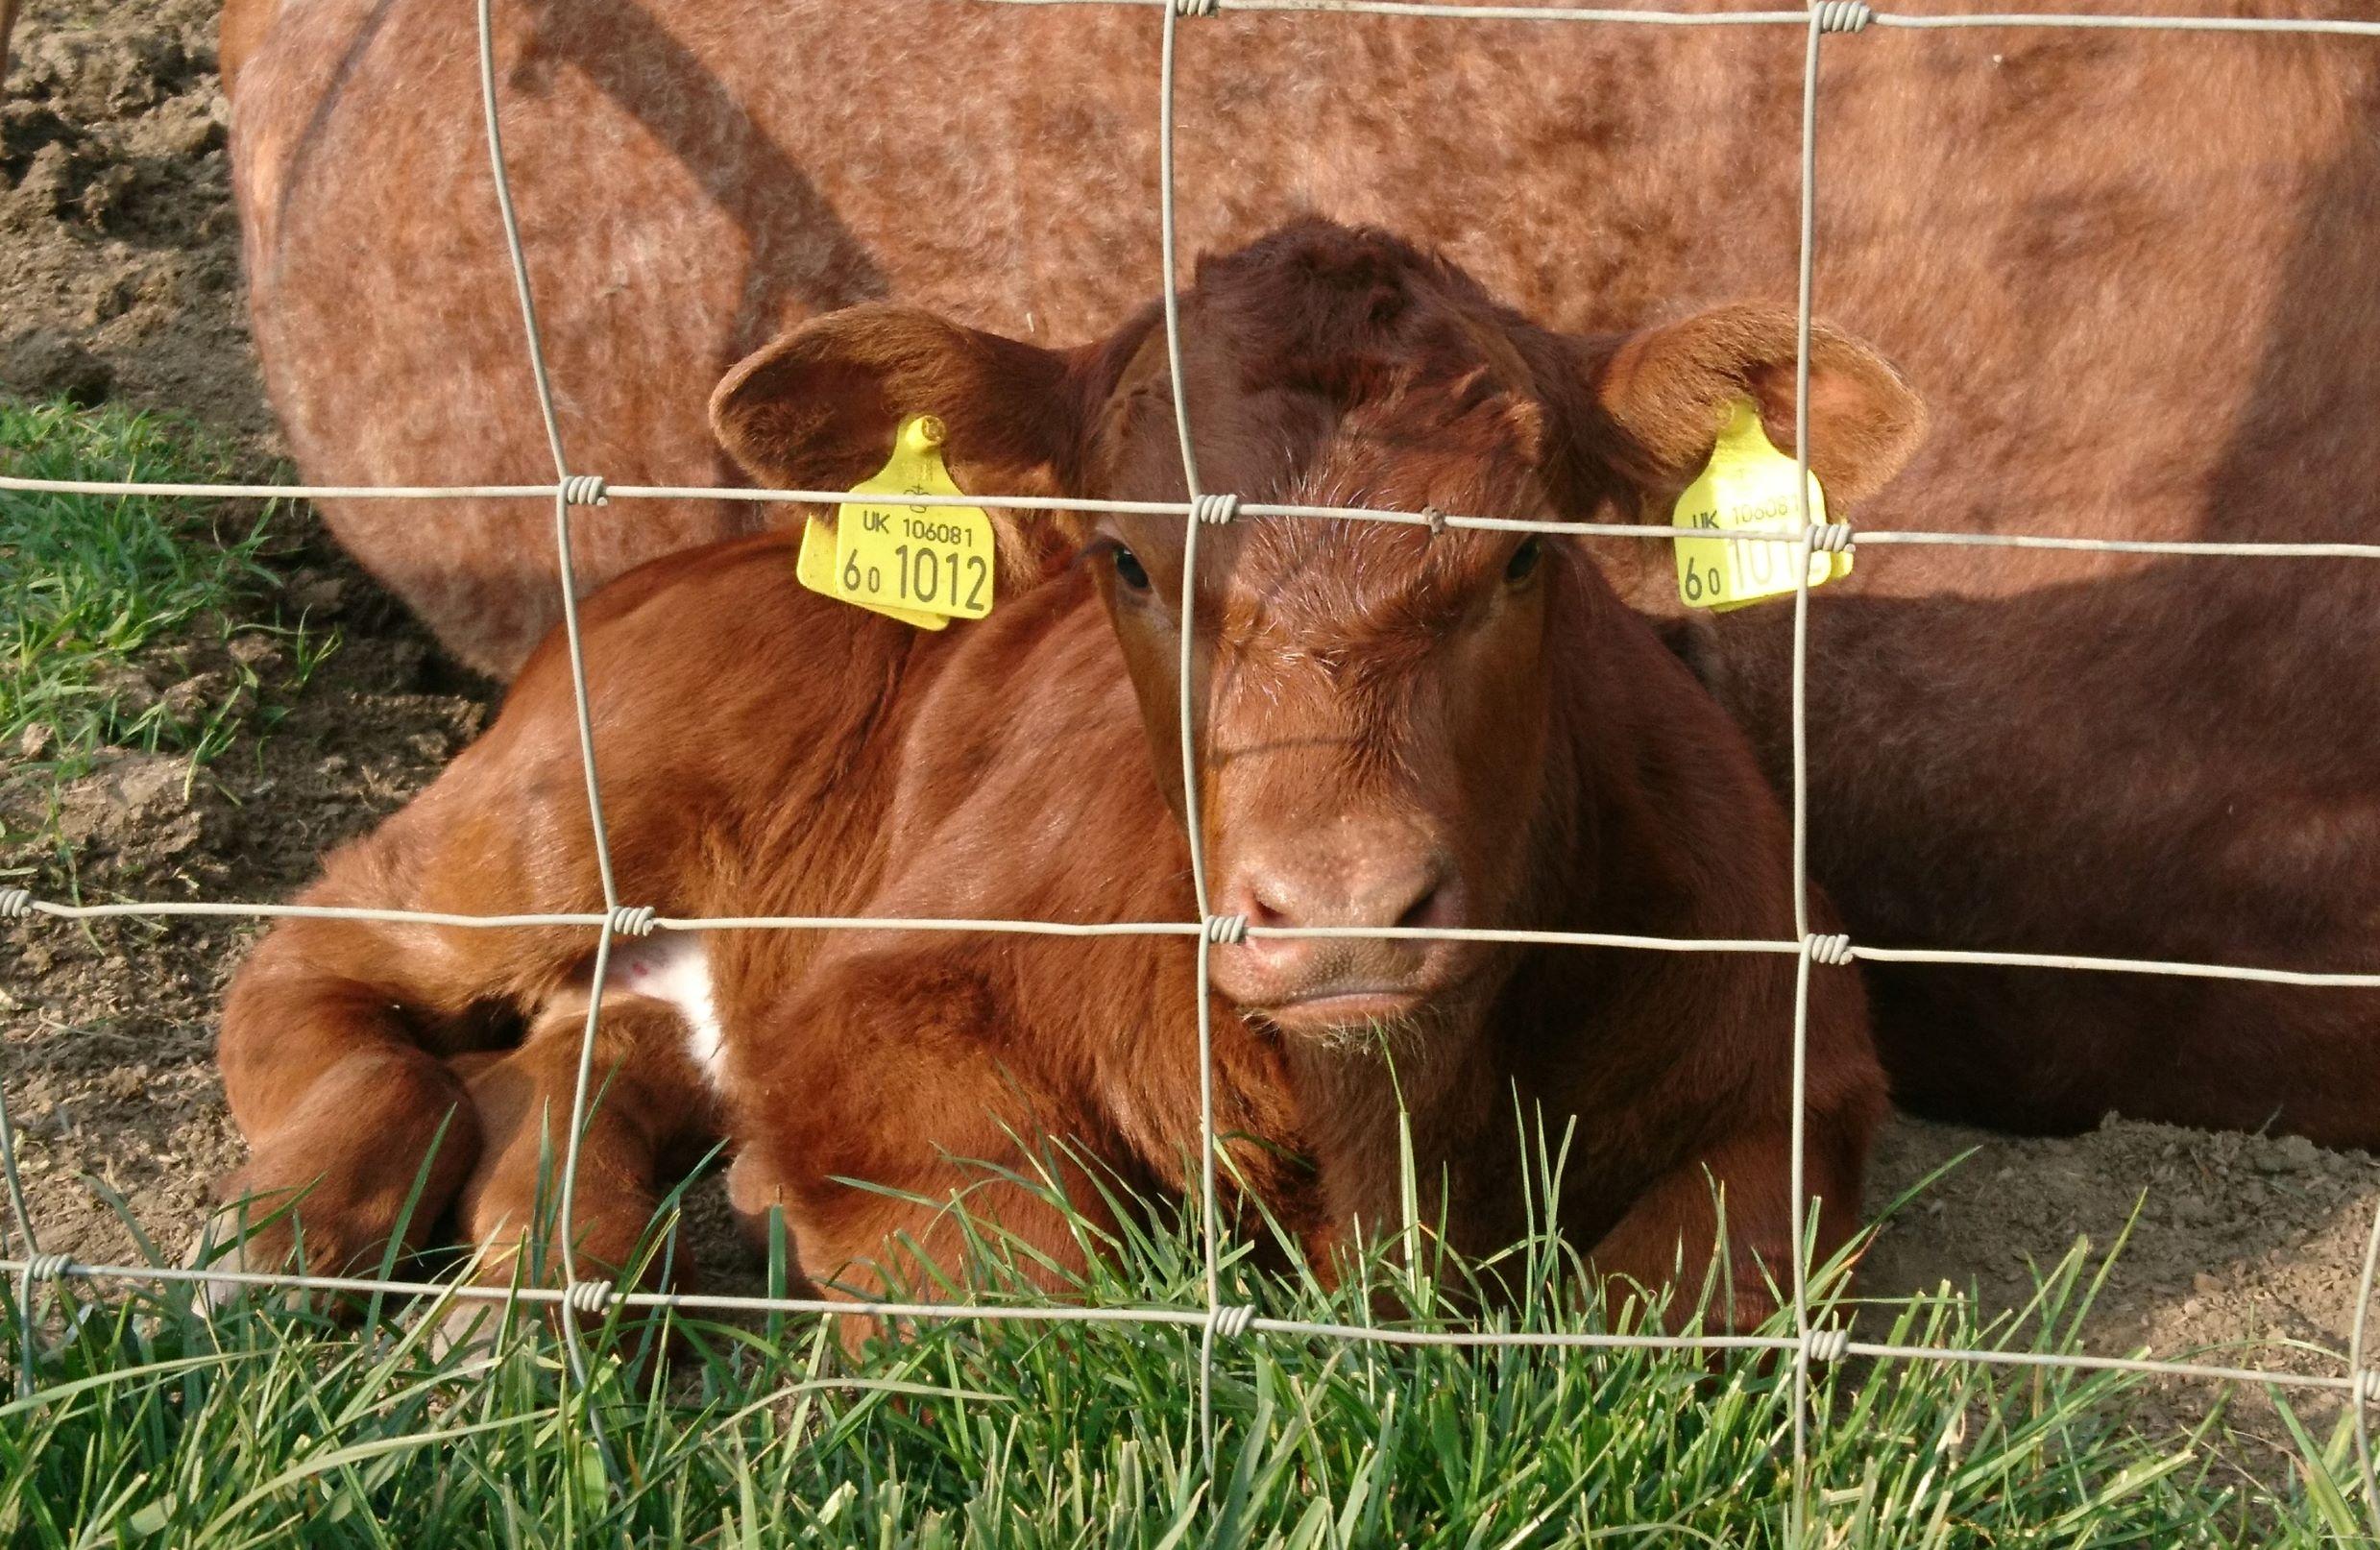 Cute Calves